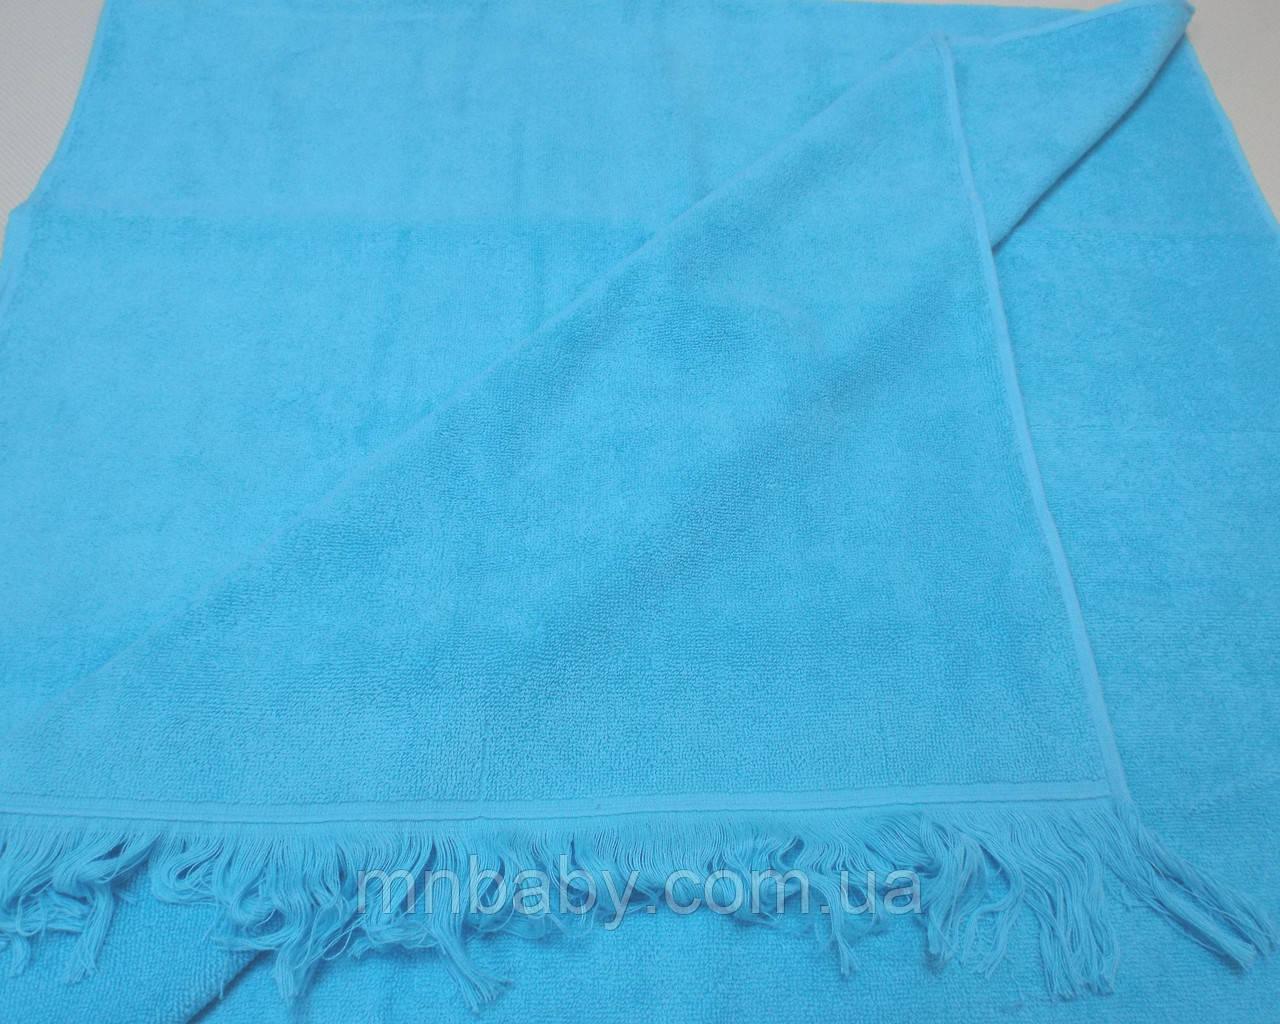 Полотенце с бахромой 70*140 см голубое